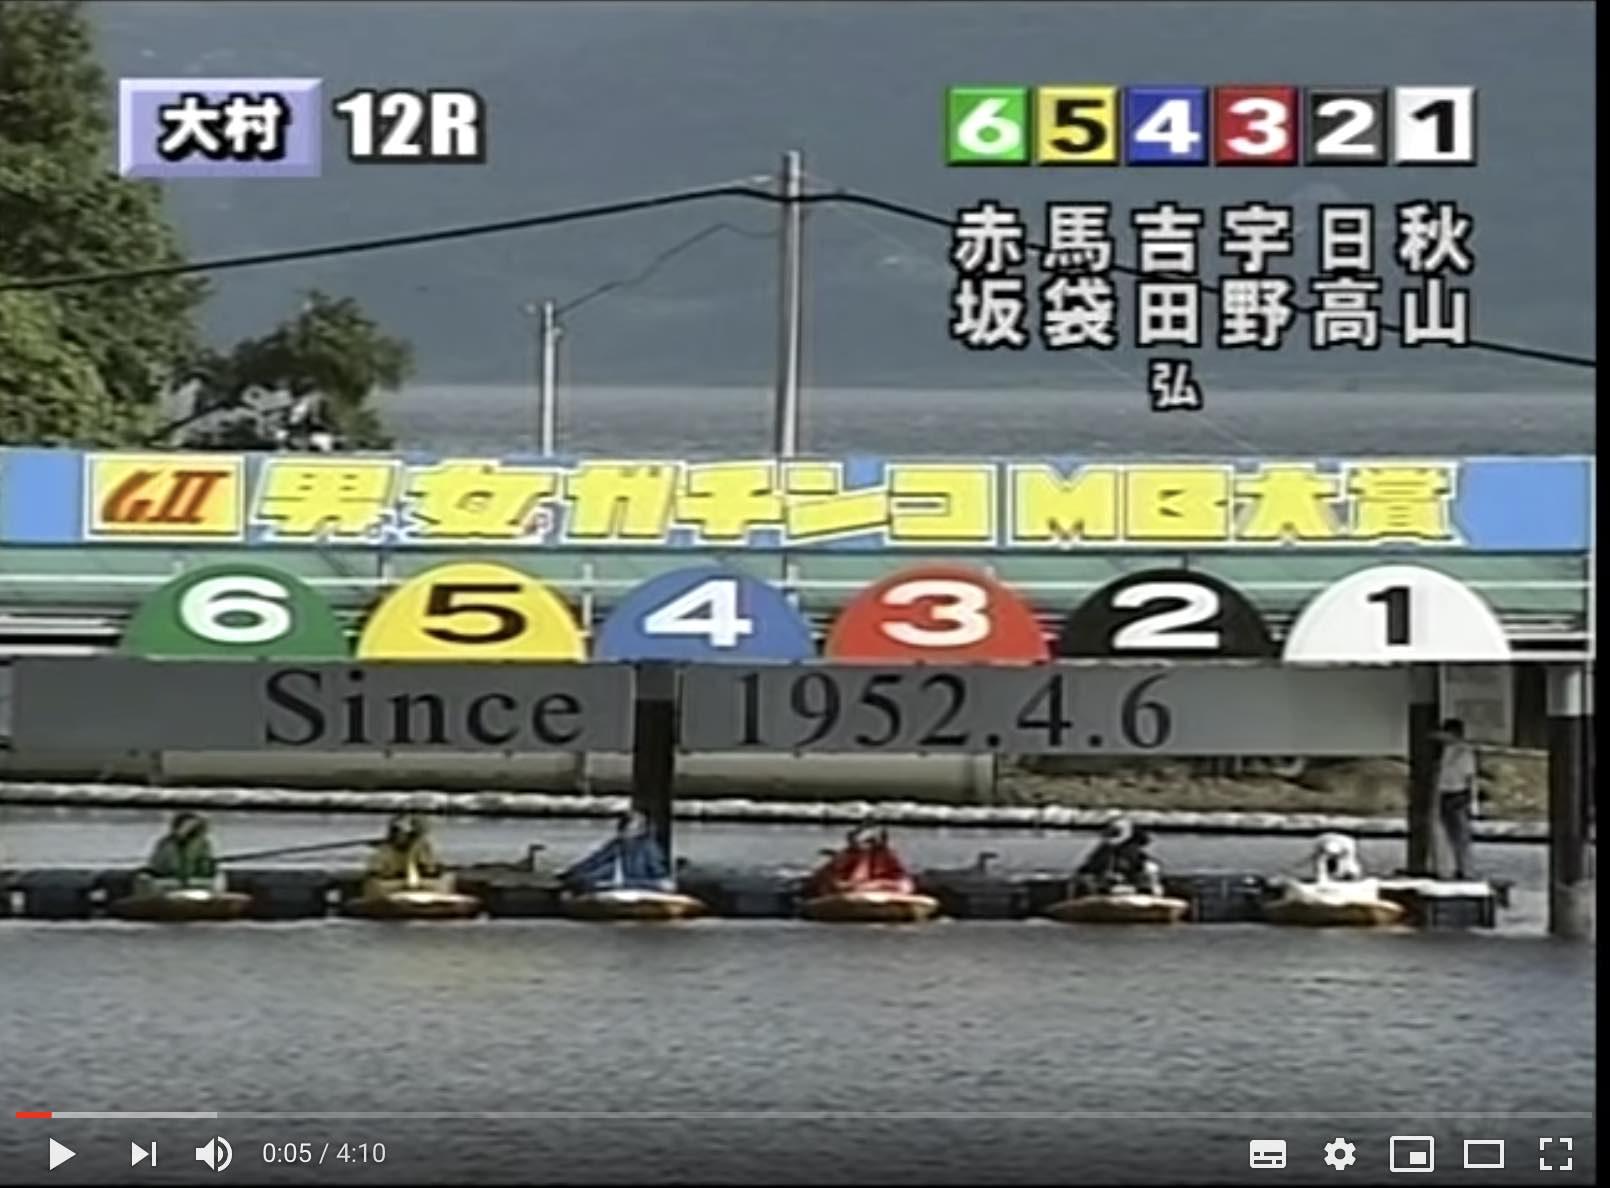 2012 G2モーターボート大賞で宇野弥生が優勝